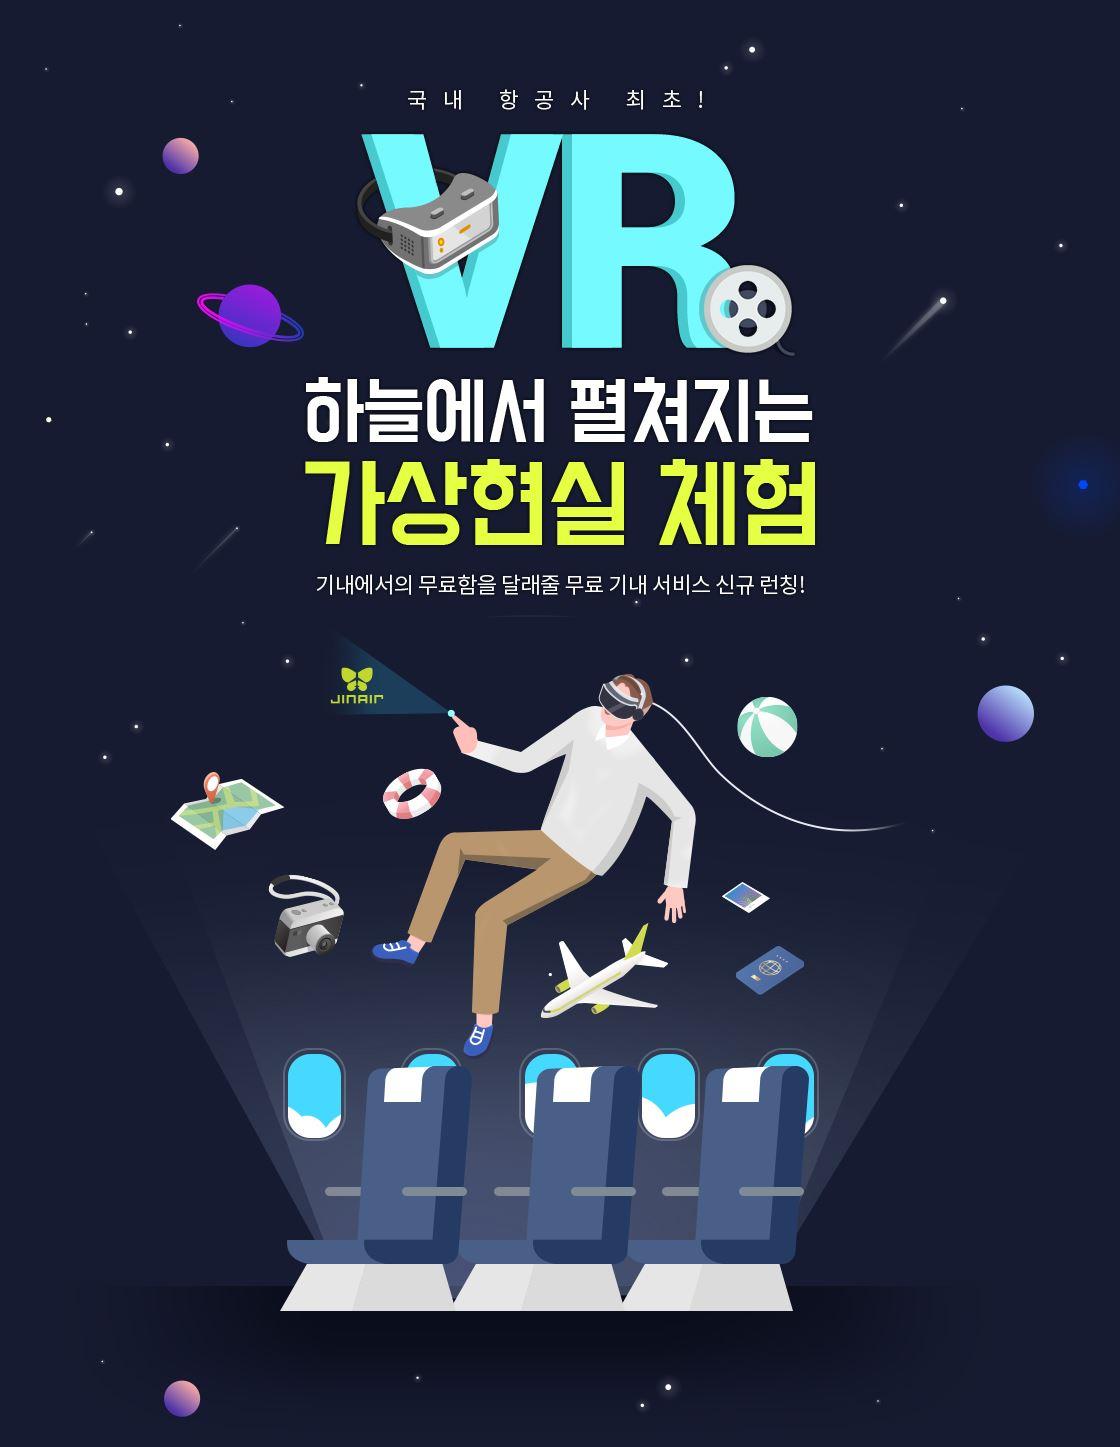 진에어 기내 VR 서비스